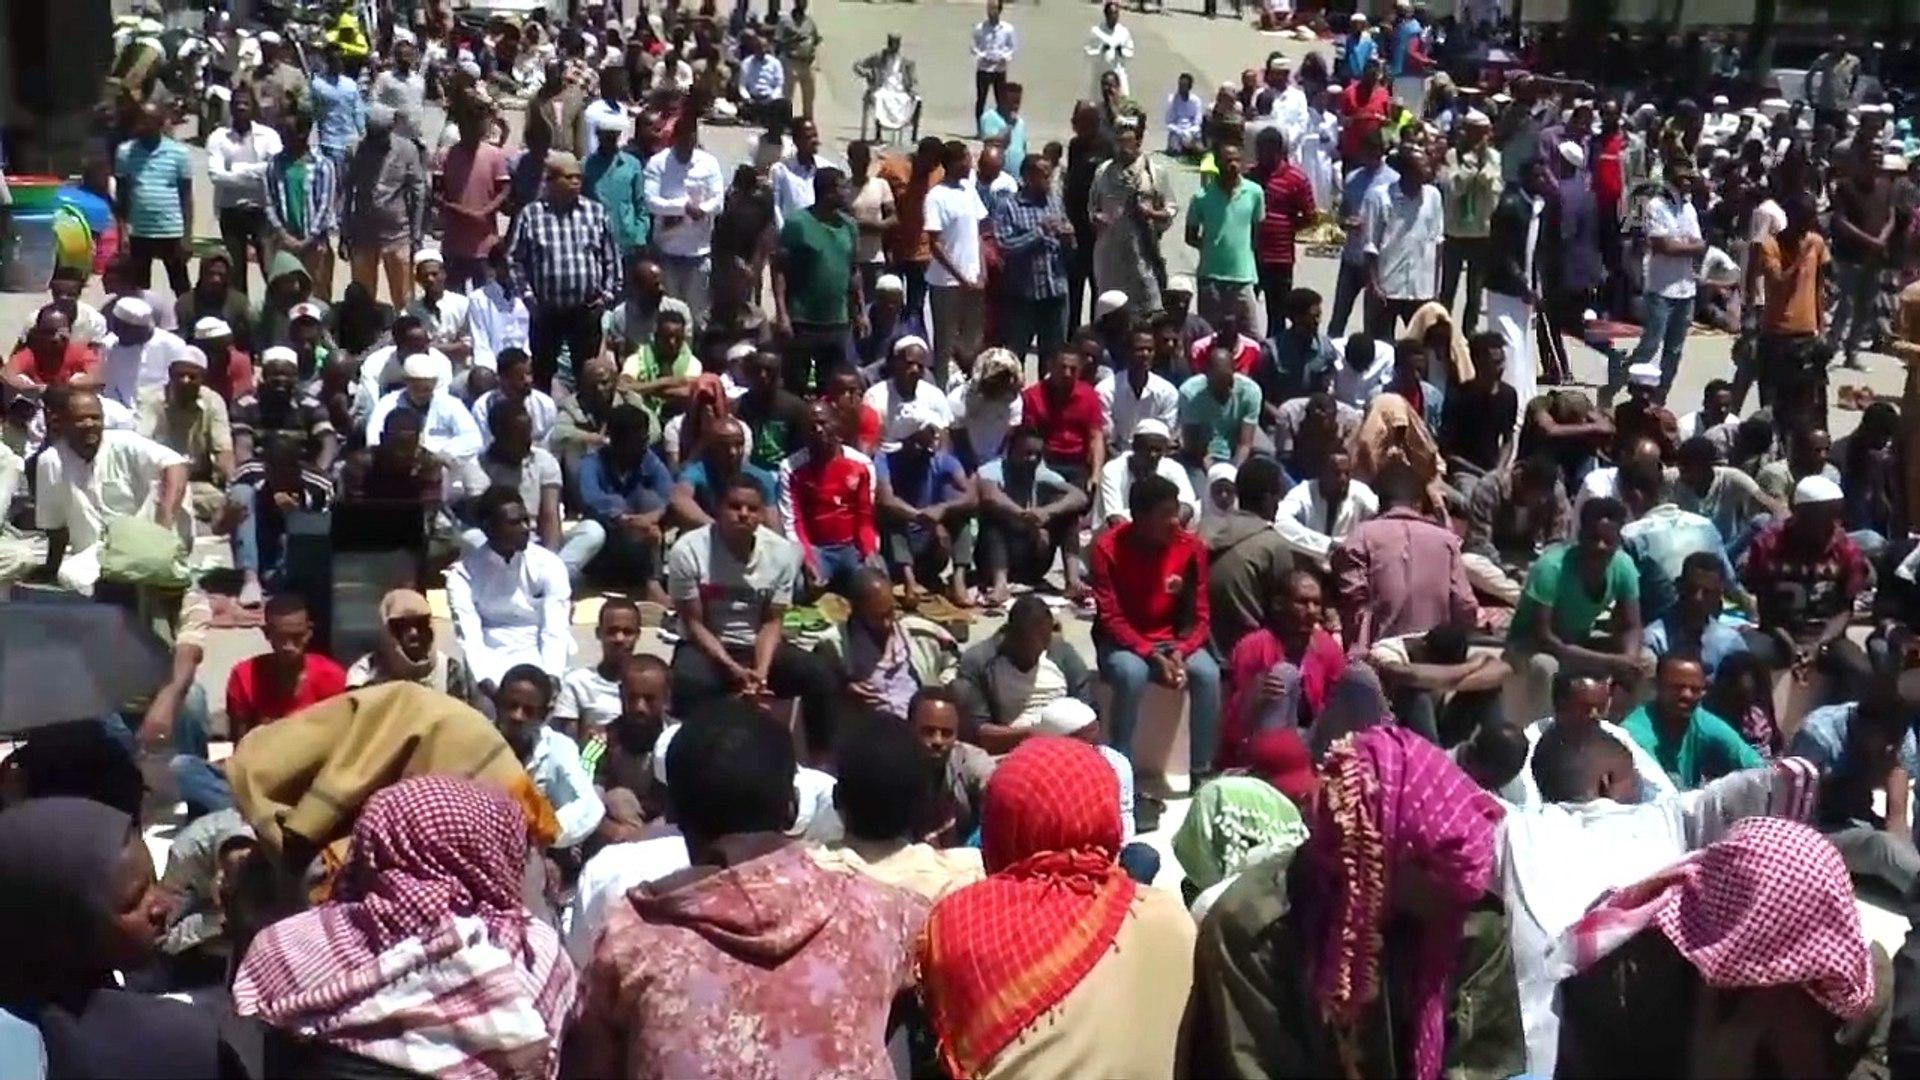 Etiyopya'da ramazan ayının ilk cuma namazı kılındı - ADDİS ABABA